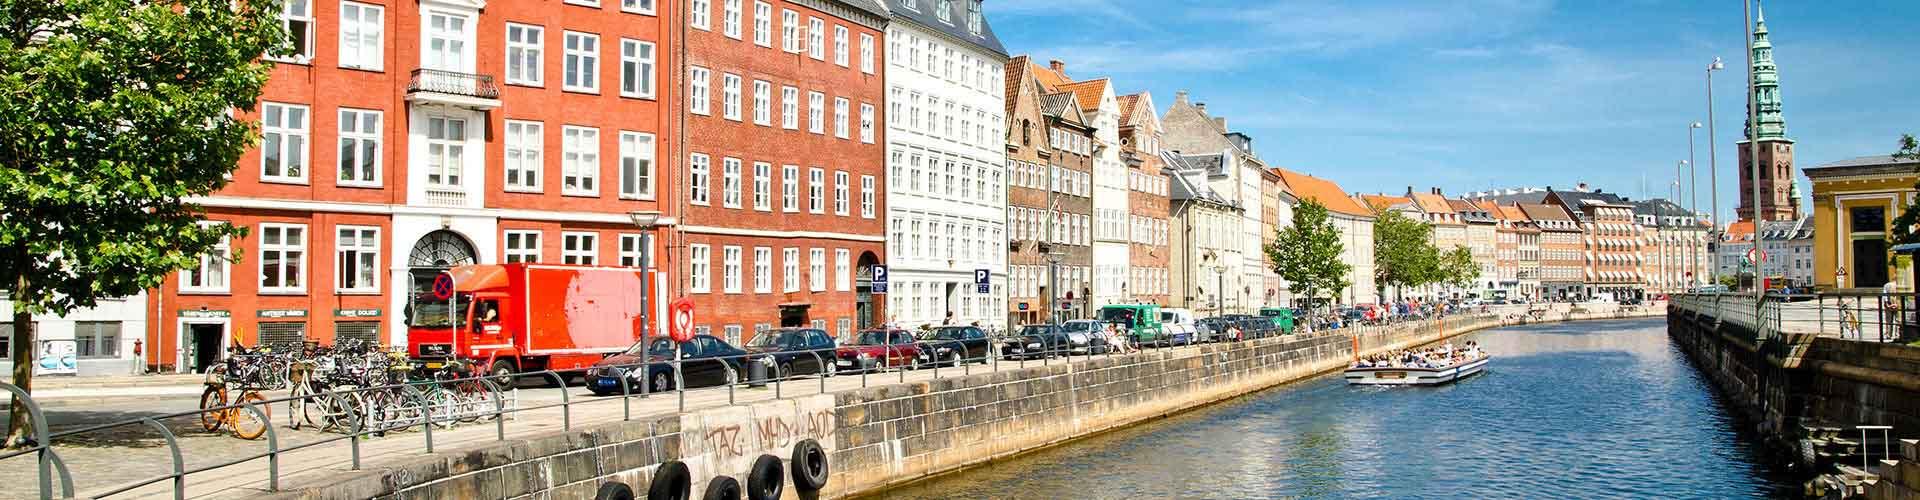 Copenhague - Campamentos en el distrito Indre By. Mapas de Copenhague, Fotos y comentarios de cada Campamento en Copenhague.